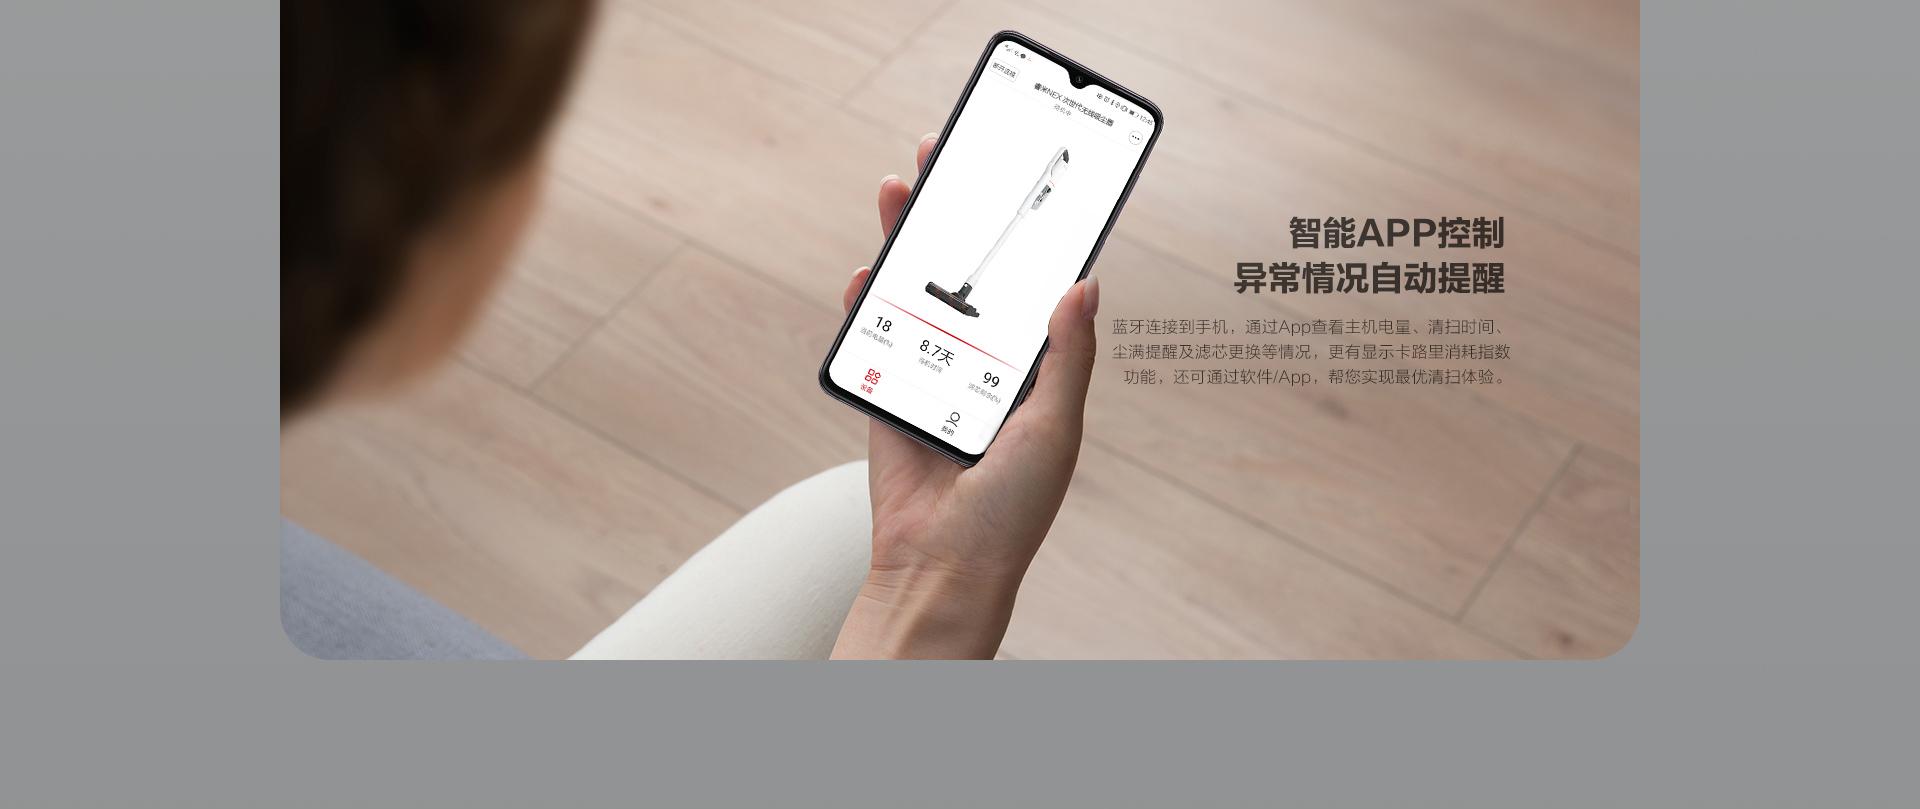 睿米手持无线吸尘器可以使用智能APP控制,异常情况自动提醒